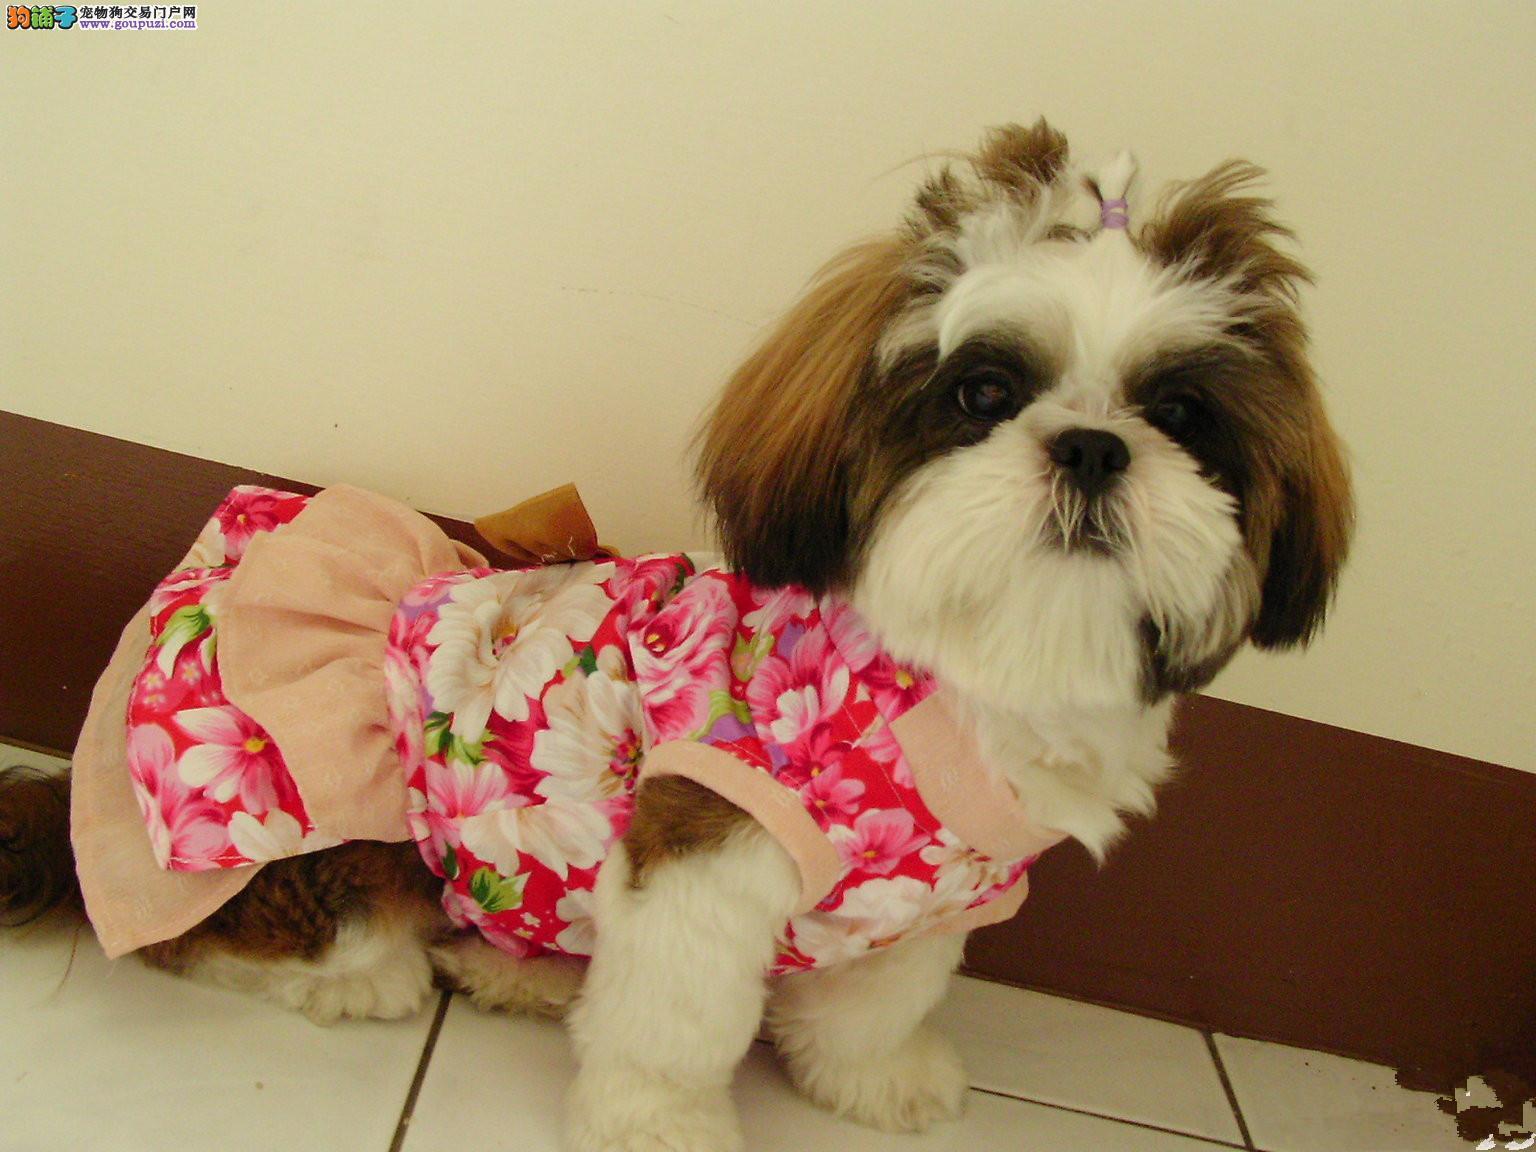 郑州小型犬迷人的三色西施犬 长毛活泼